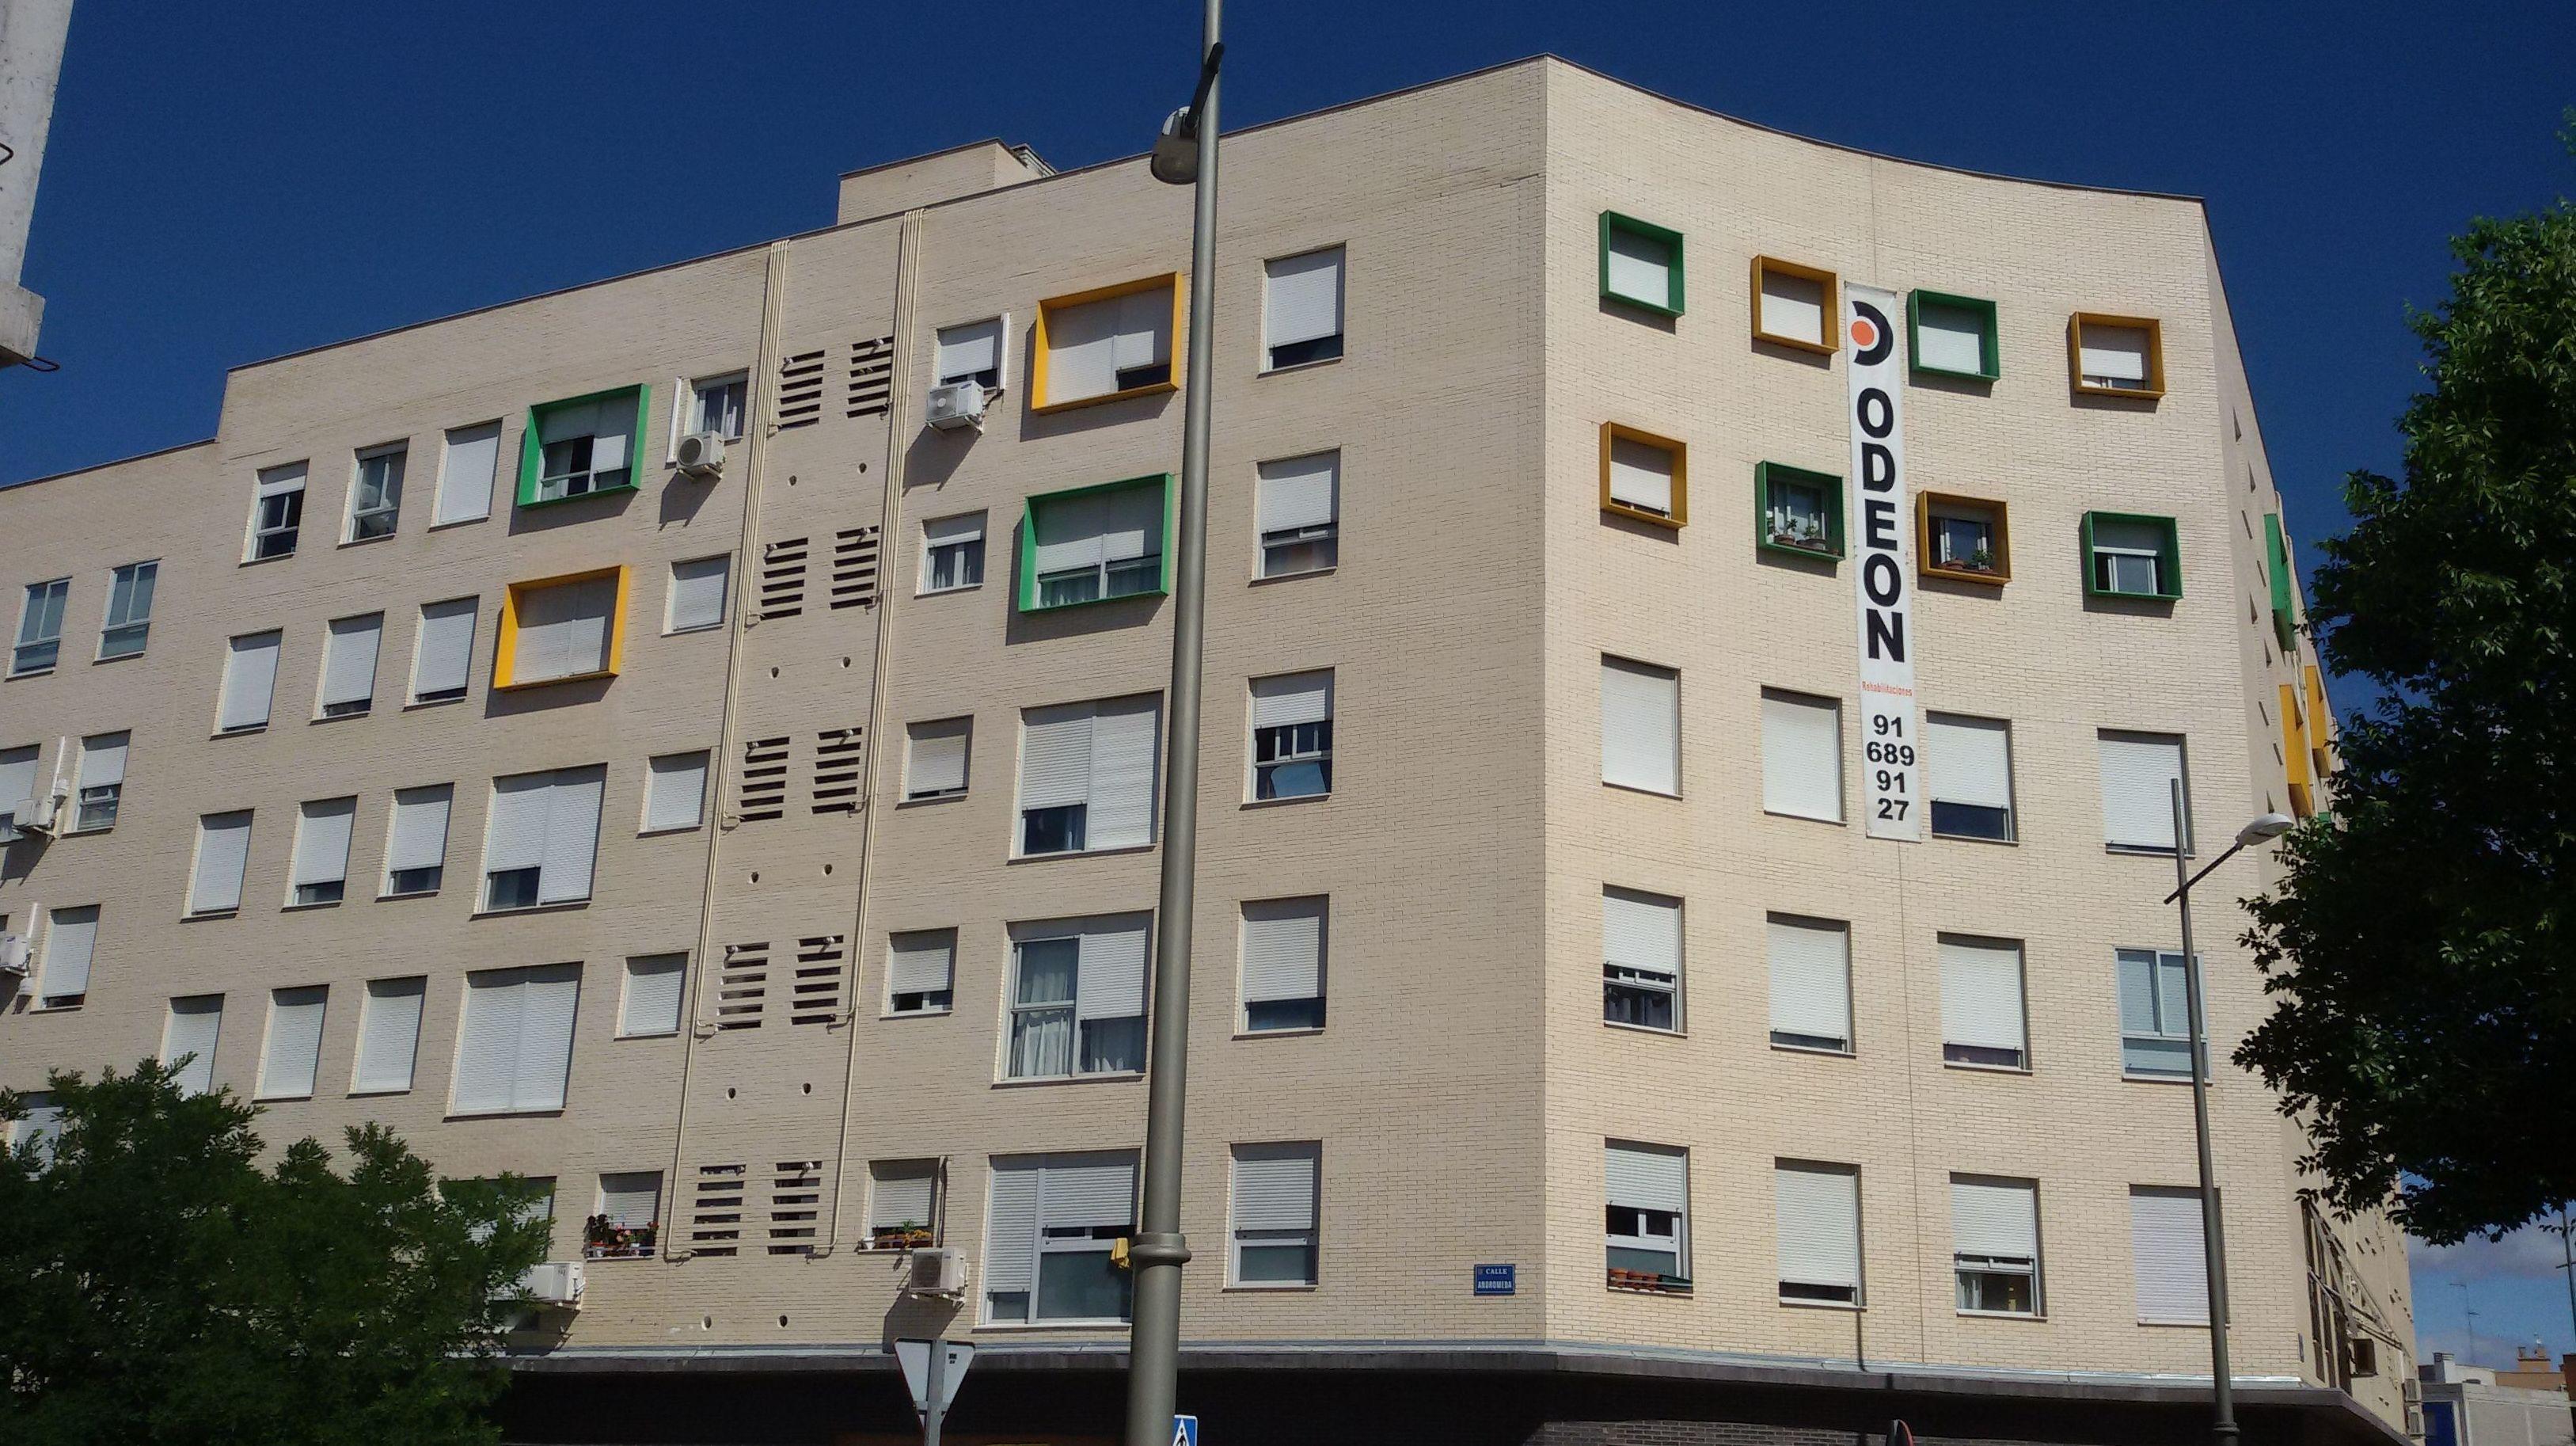 Restauración de fachadas de ladrillo visto. Estado anterior